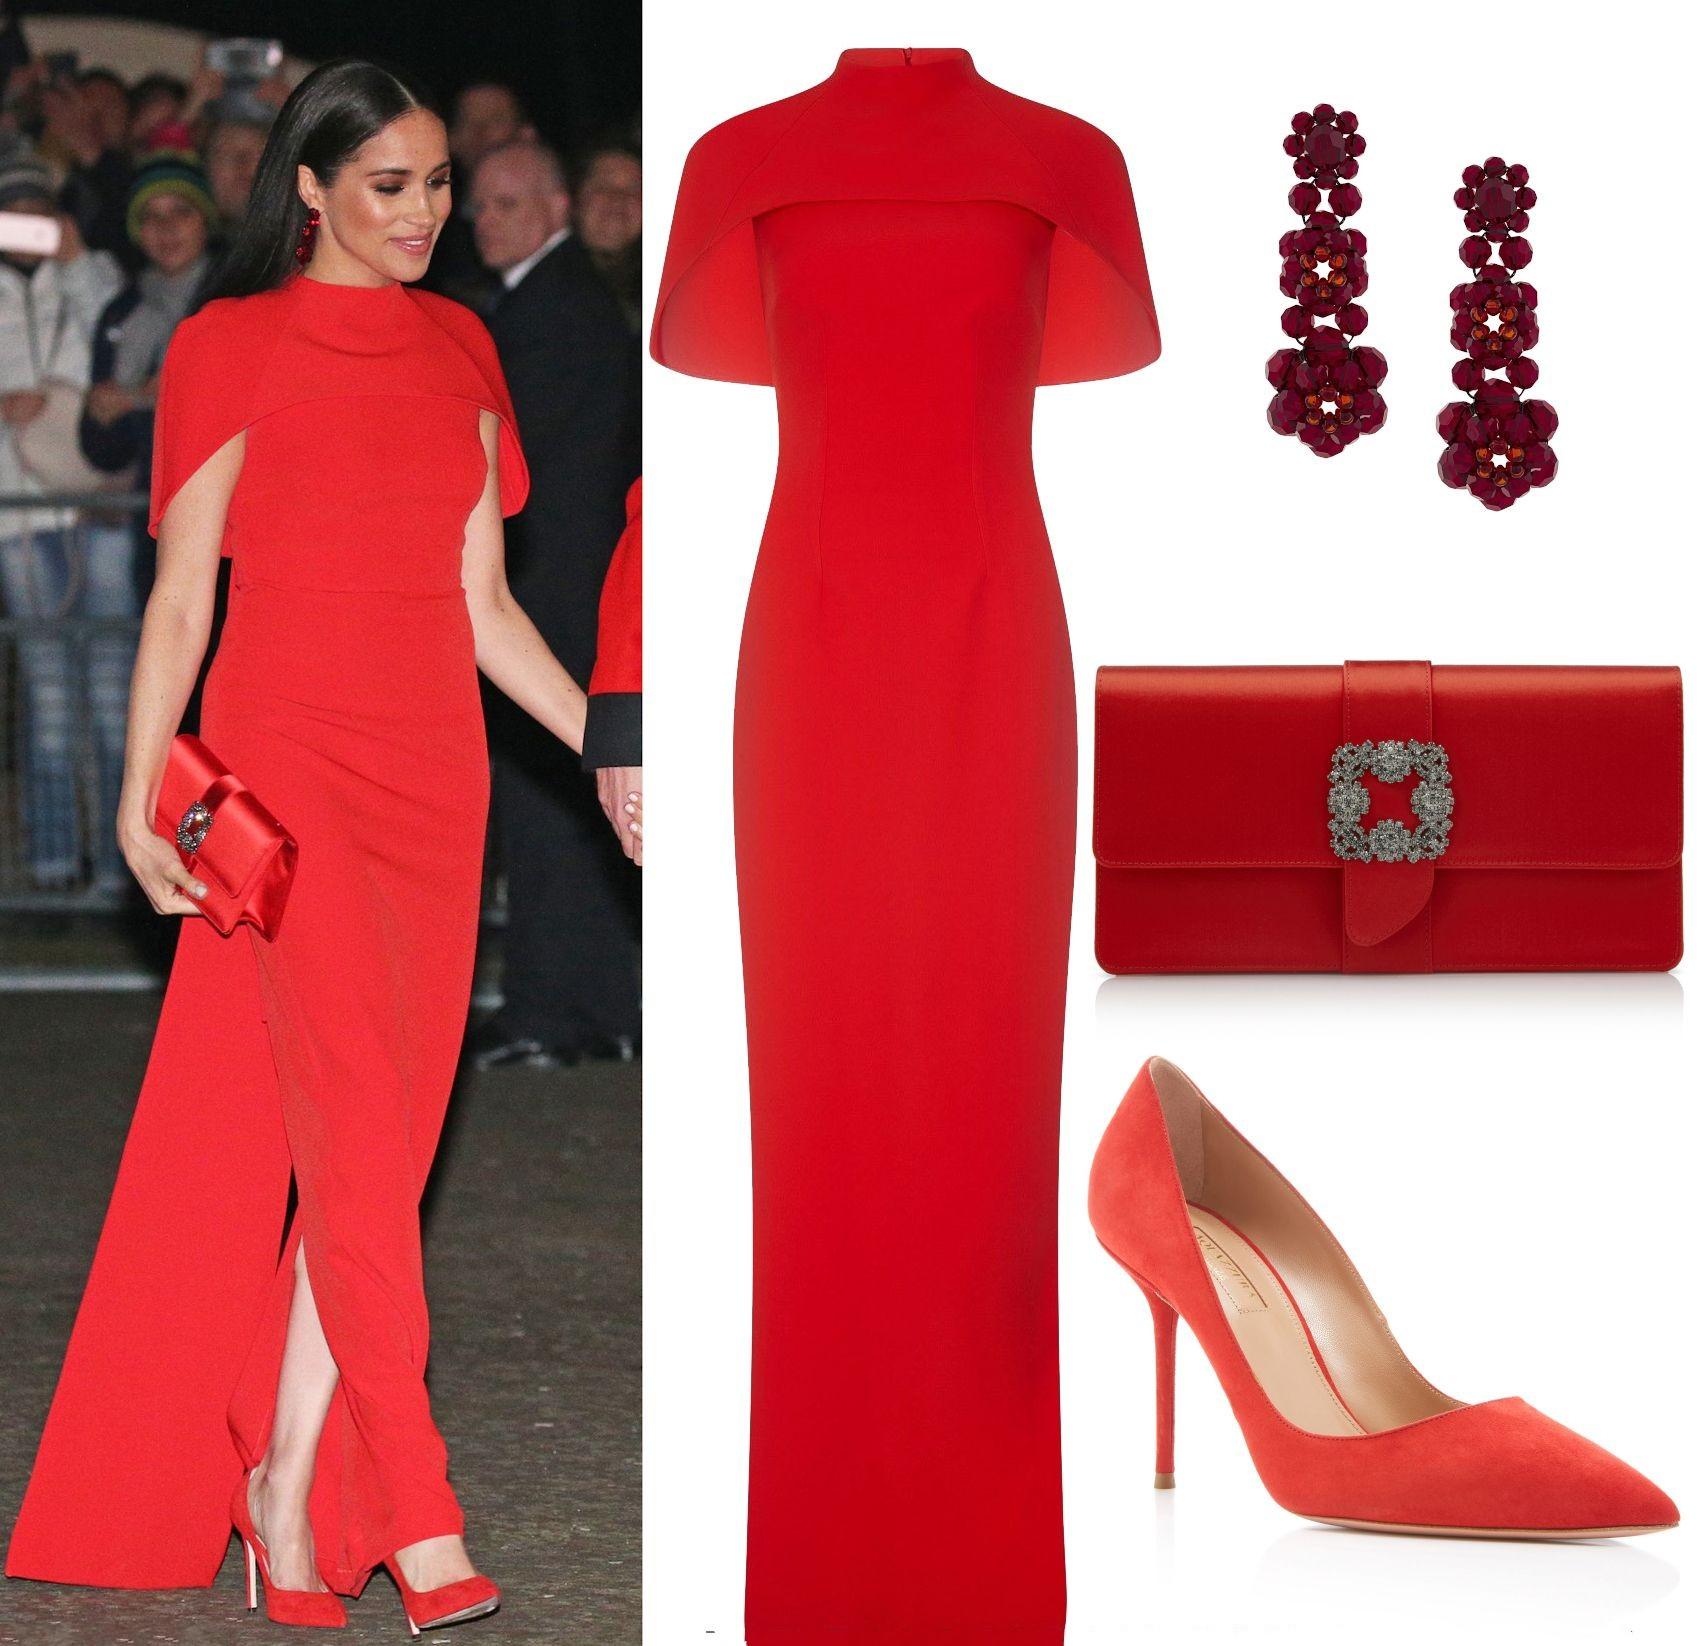 accessoire appropriée pour robe rouge